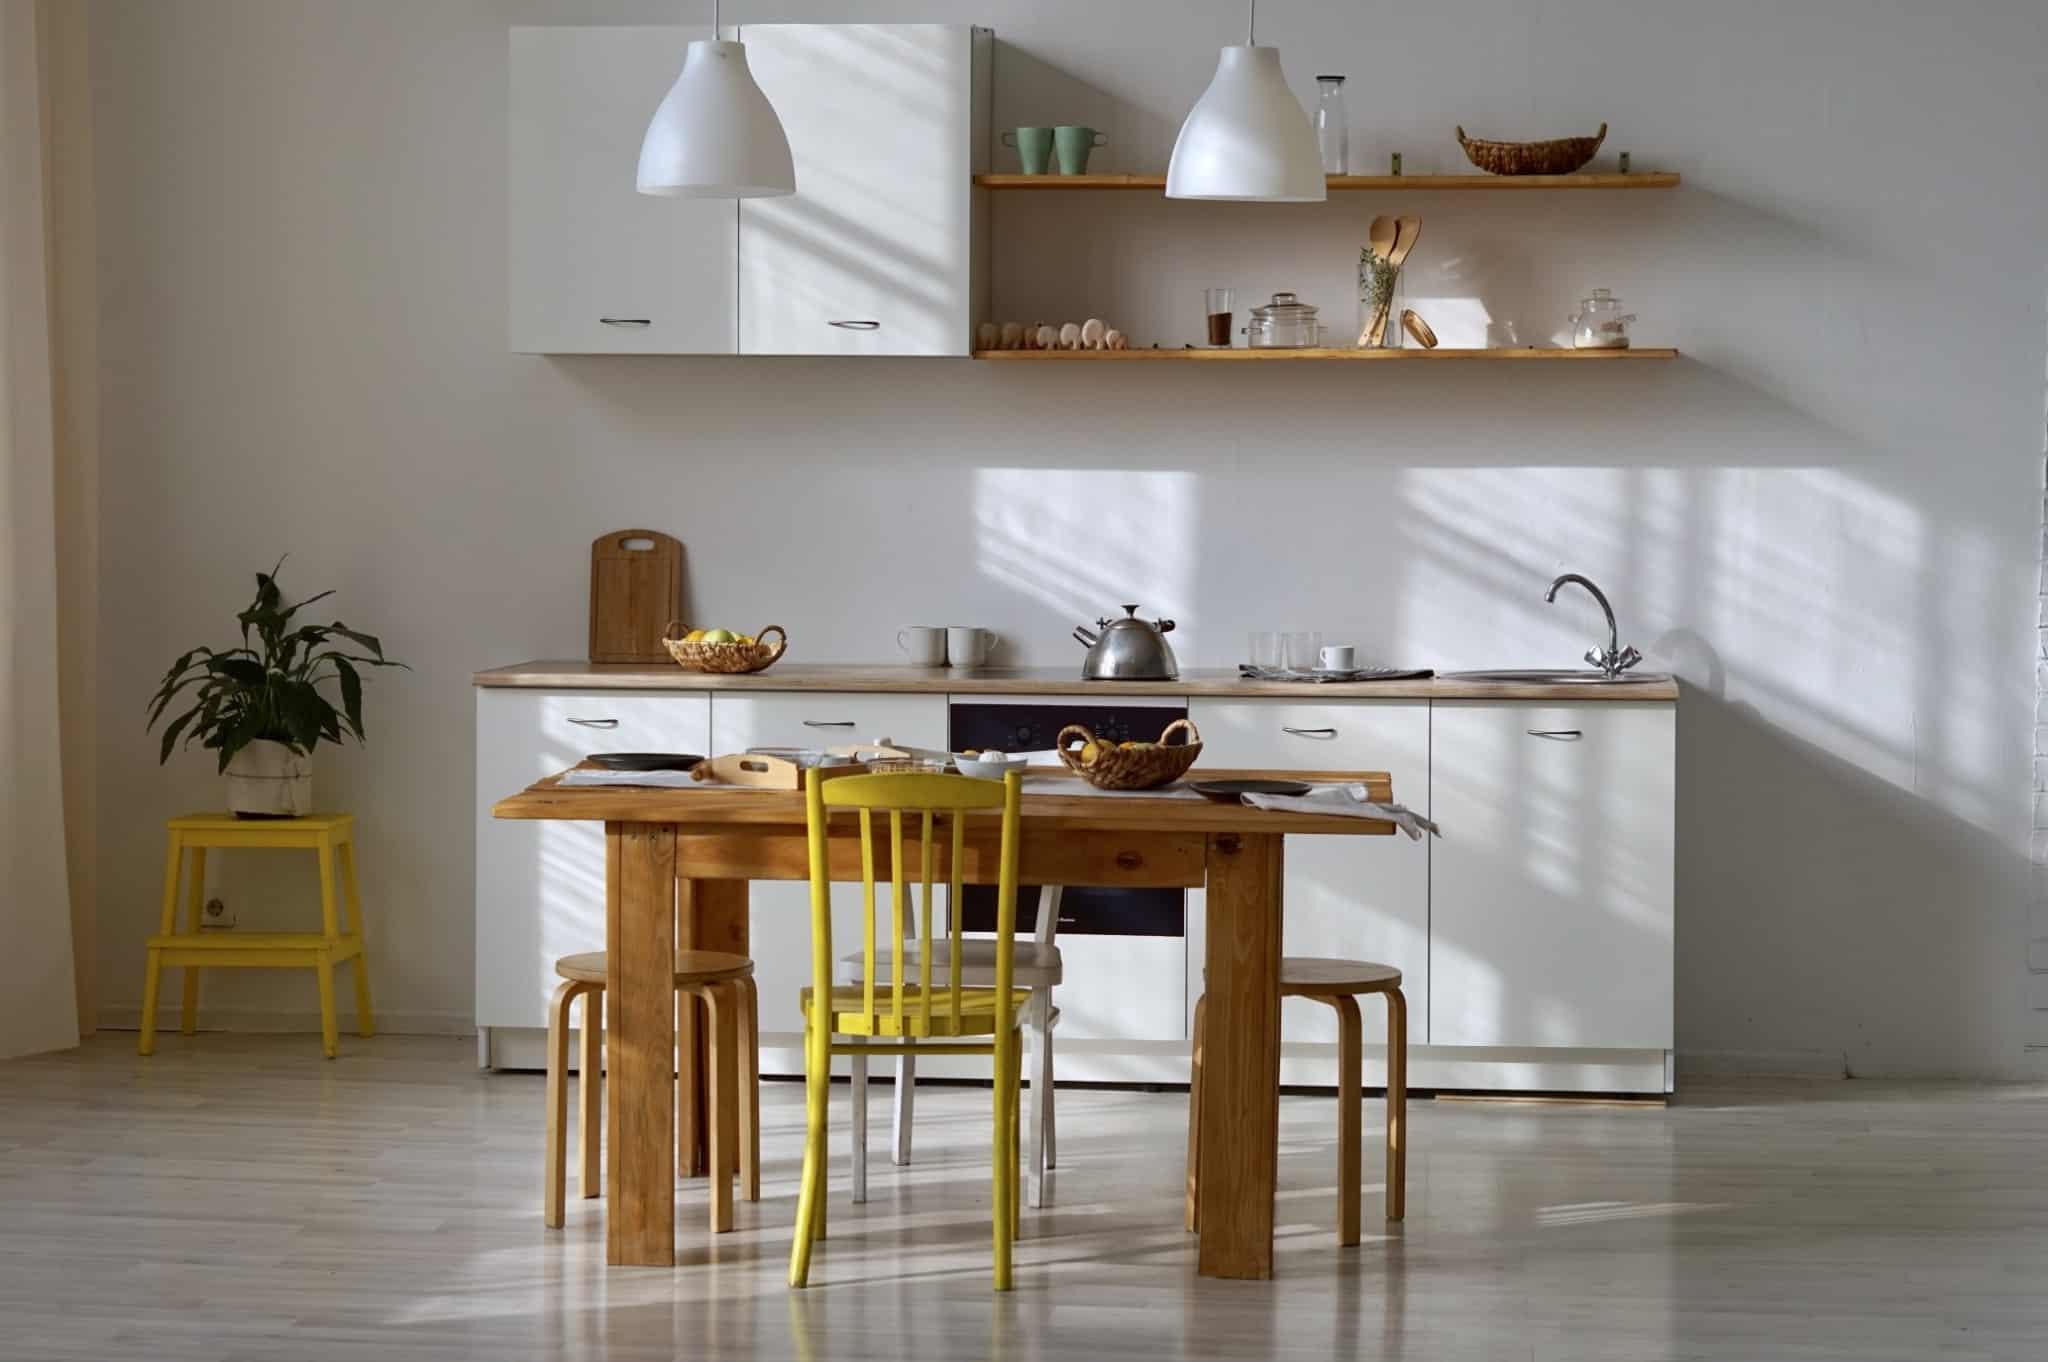 cozinha com uma mesa de madeira e duas cadeiras e dois bancos